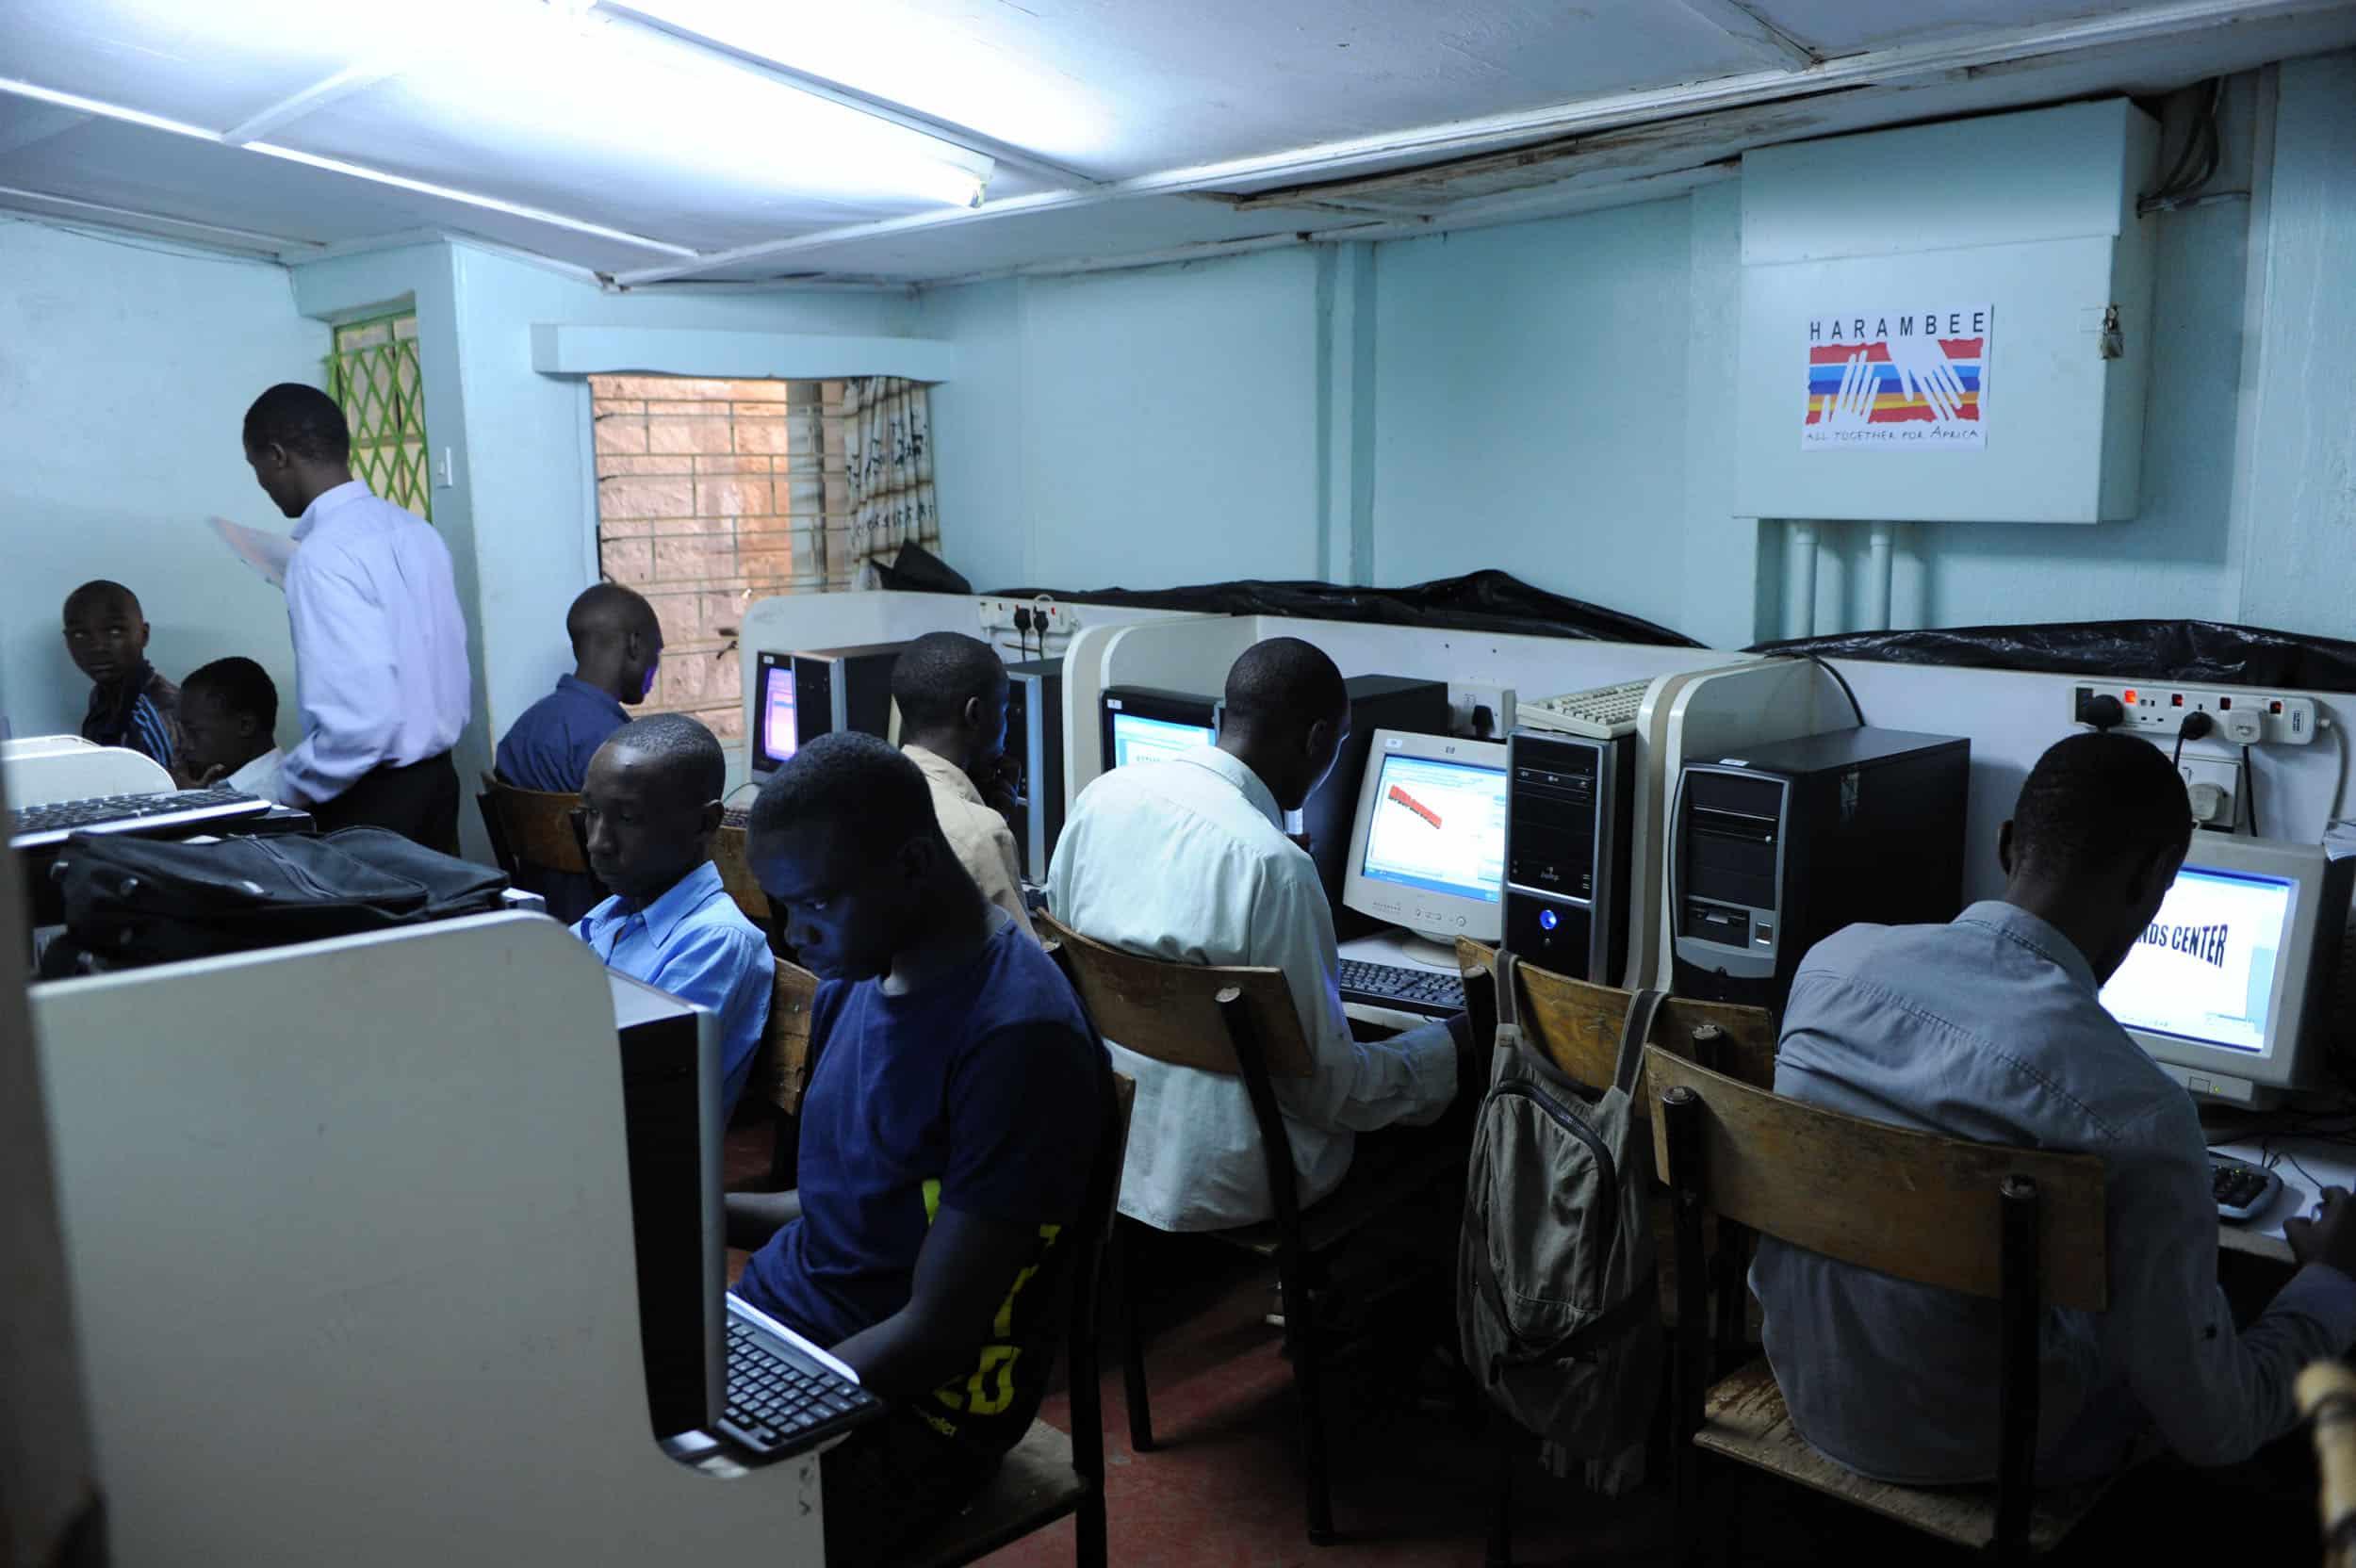 Puesta en marcha de un centro de formación informática para jóvenes